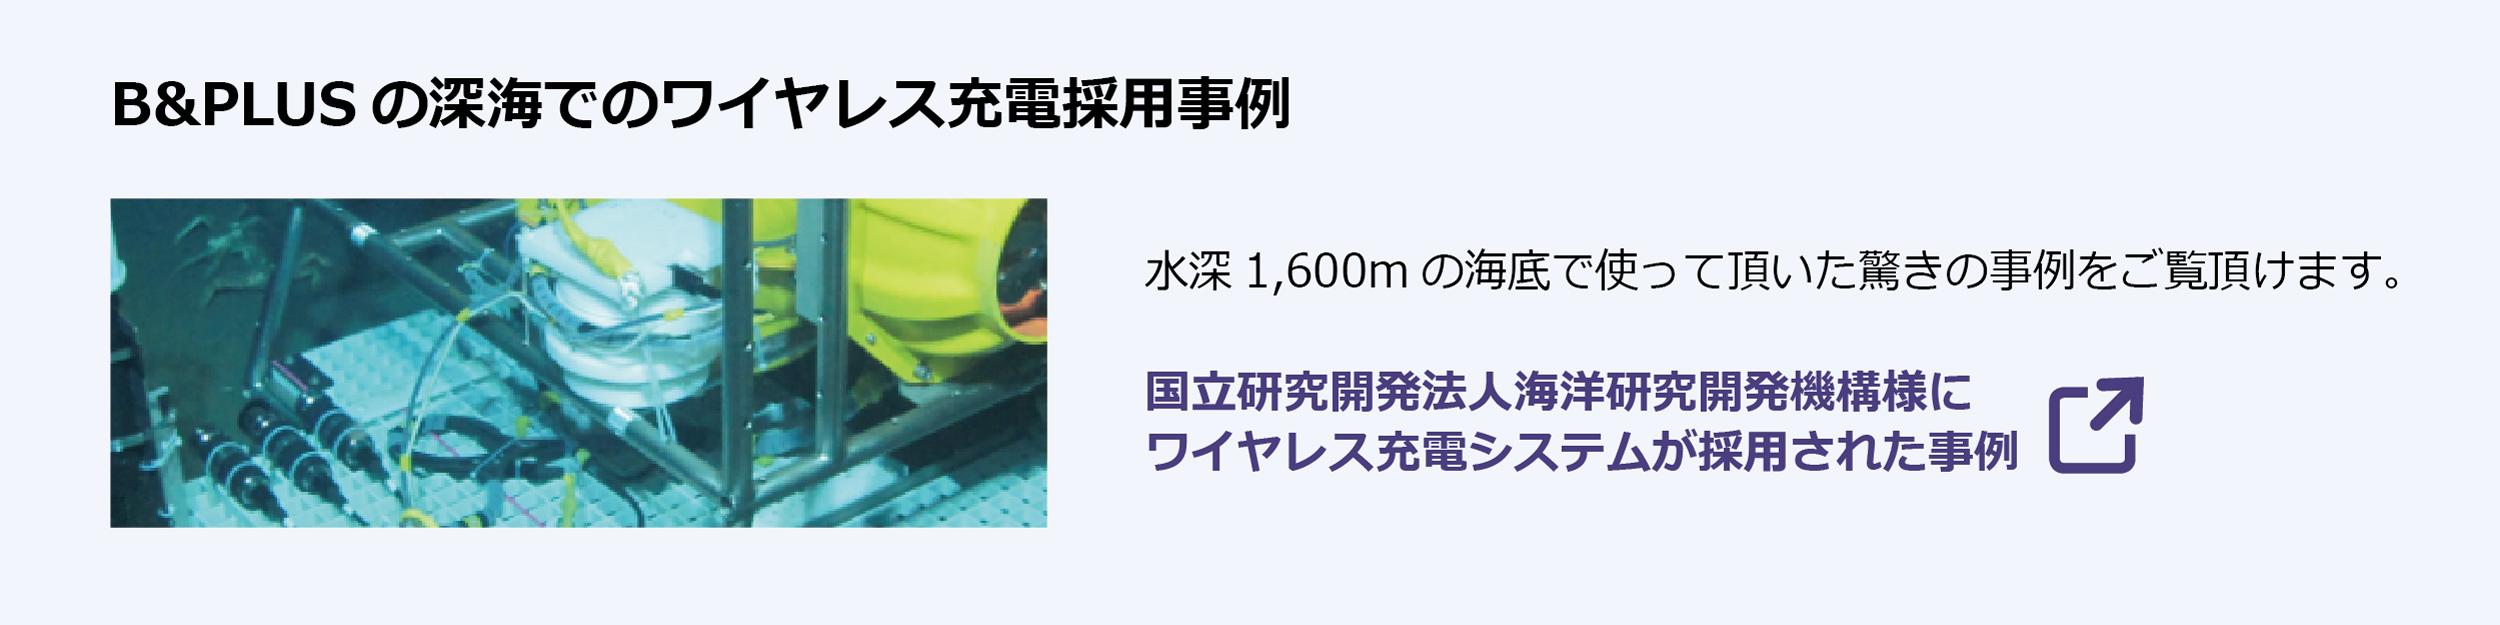 B&PLUSの深海でのワイヤレス充電採用事例